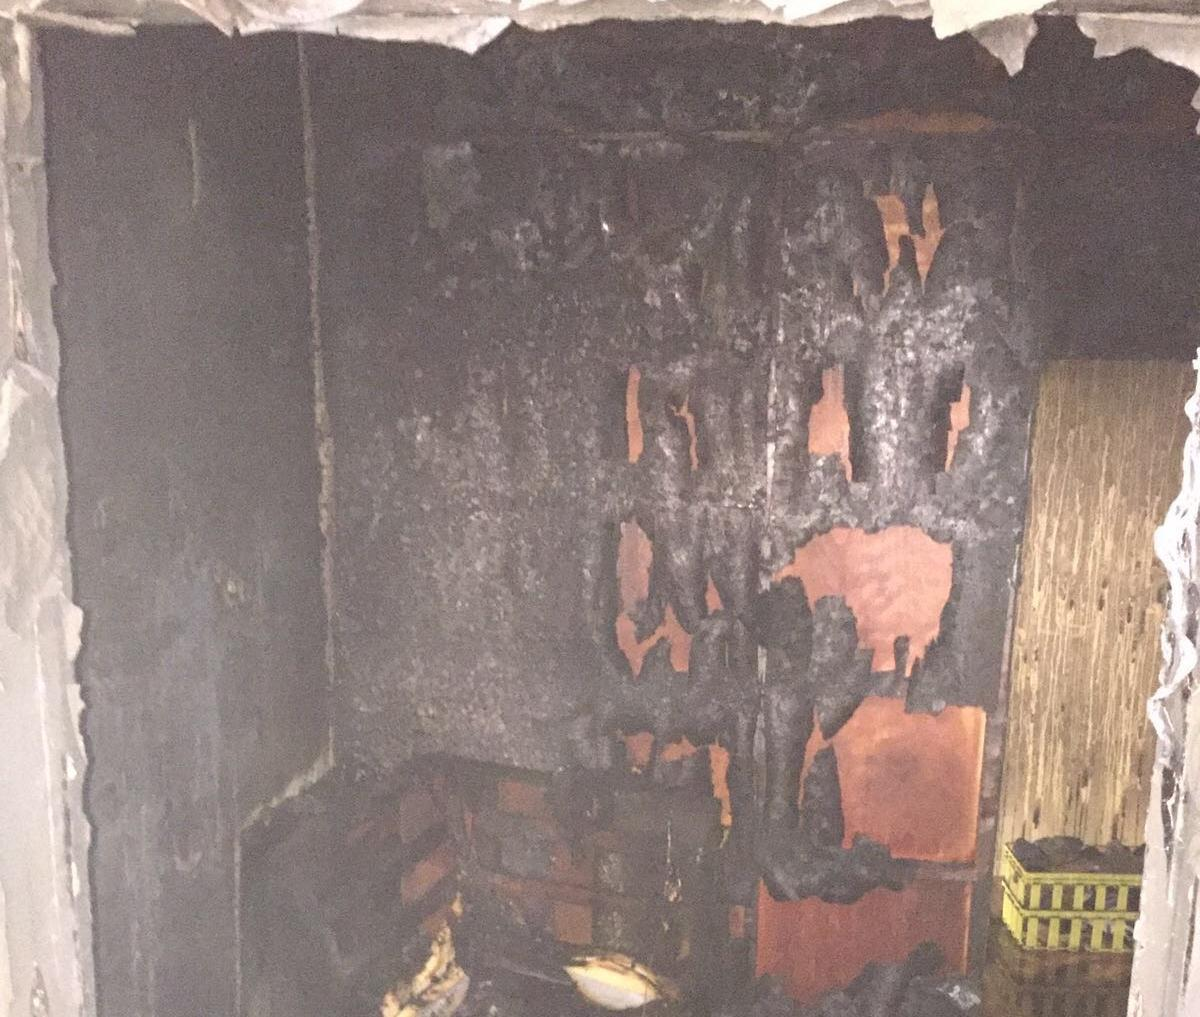 حريق جنوب حي الجامعة بجدة (4)